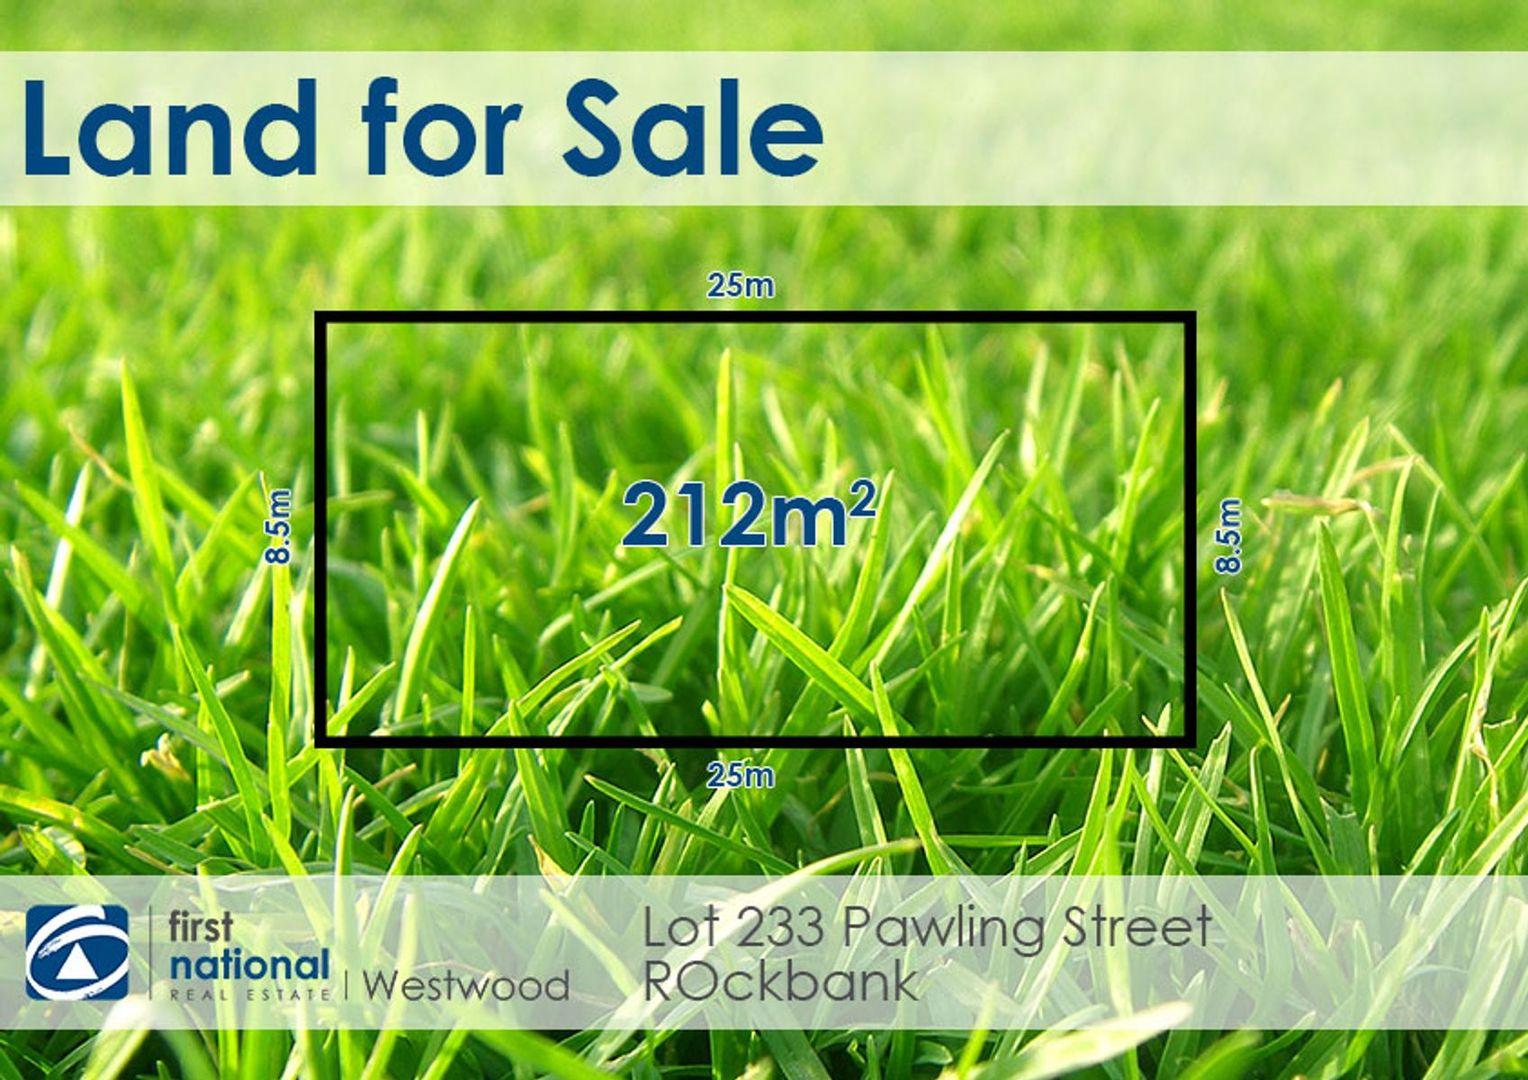 Lot 233 Pawling Street, Rockbank VIC 3335, Image 1